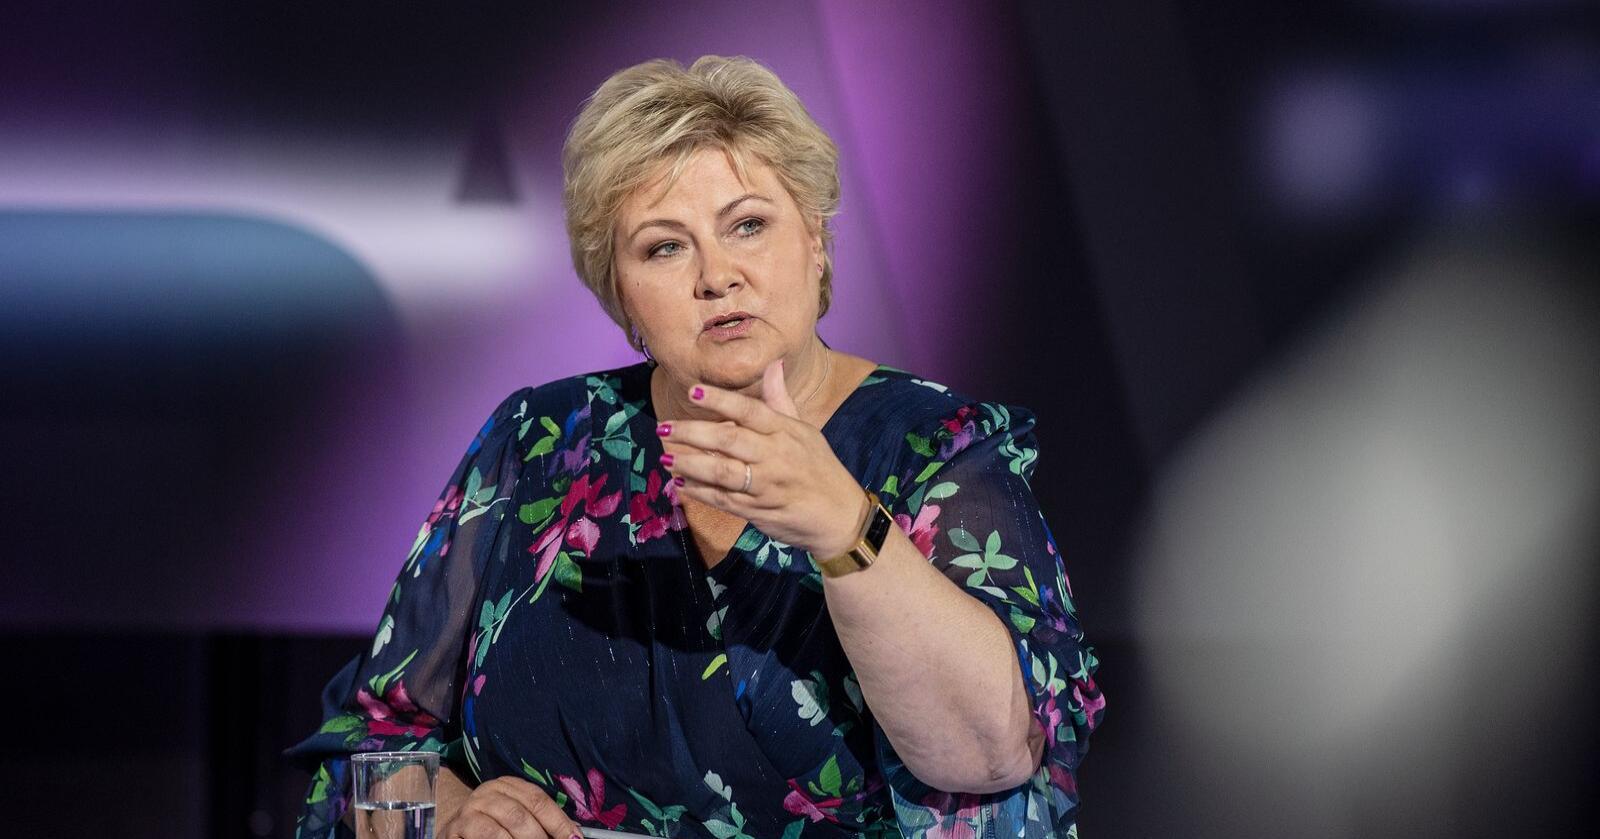 Vrakes av velgerne: Statsminister Erna Solbergs regjeringsprosjekt er dødt, mener Nationens politiske redaktør. Foto: Marit Hommedal / NTB